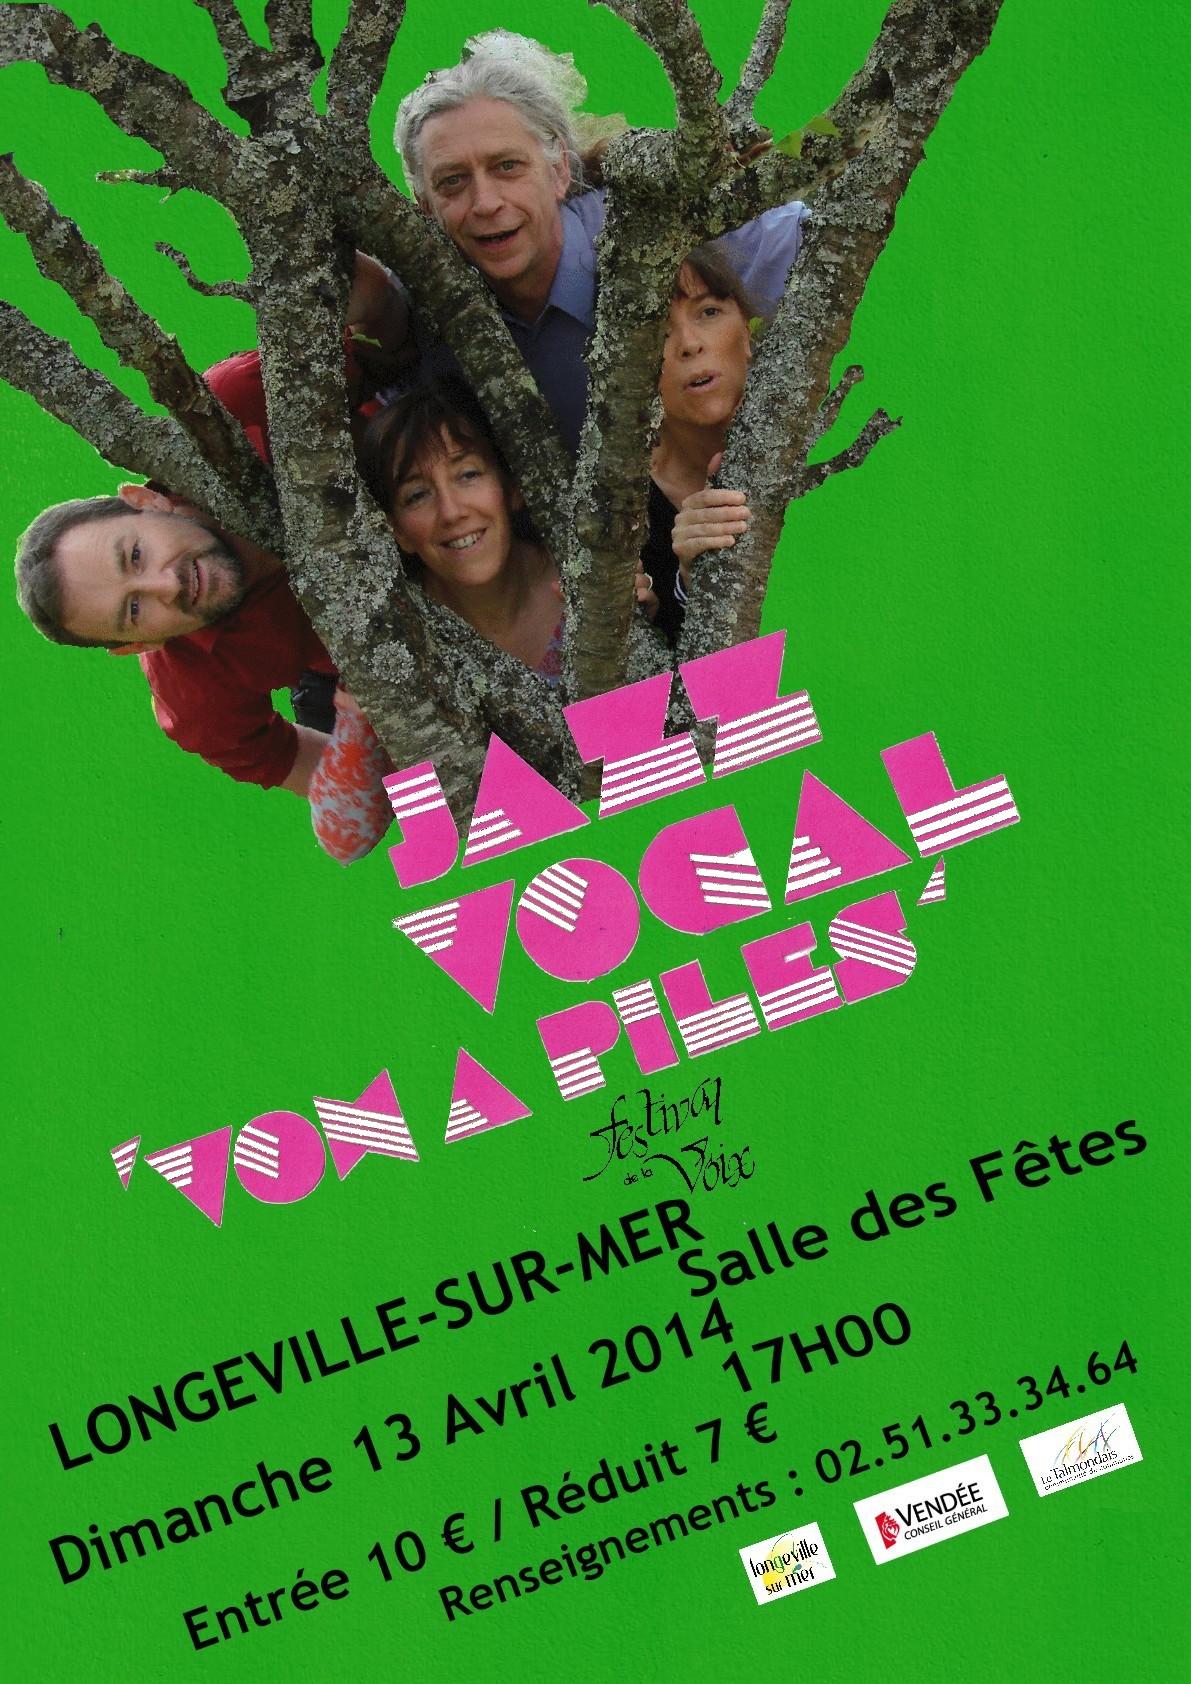 """""""Les Voies de la Voix"""" en concert à Longeville-sur-Mer ce dimanche 13 avril à 17h00"""